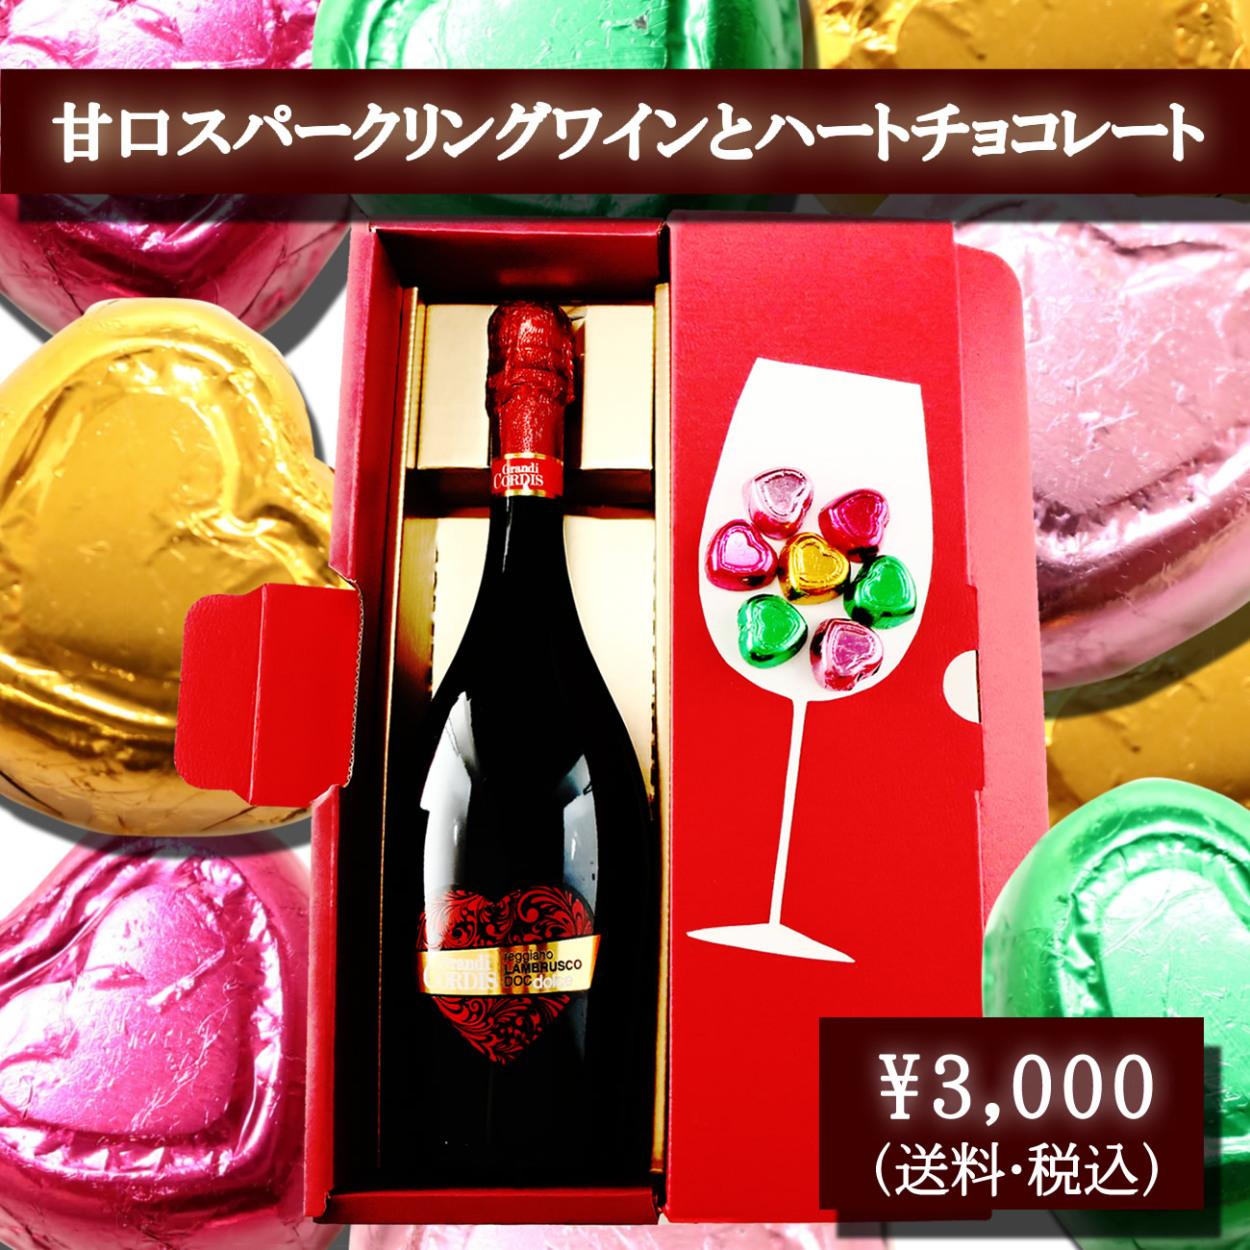 甘口スパークリングワイン赤とハートチョコレートのセット